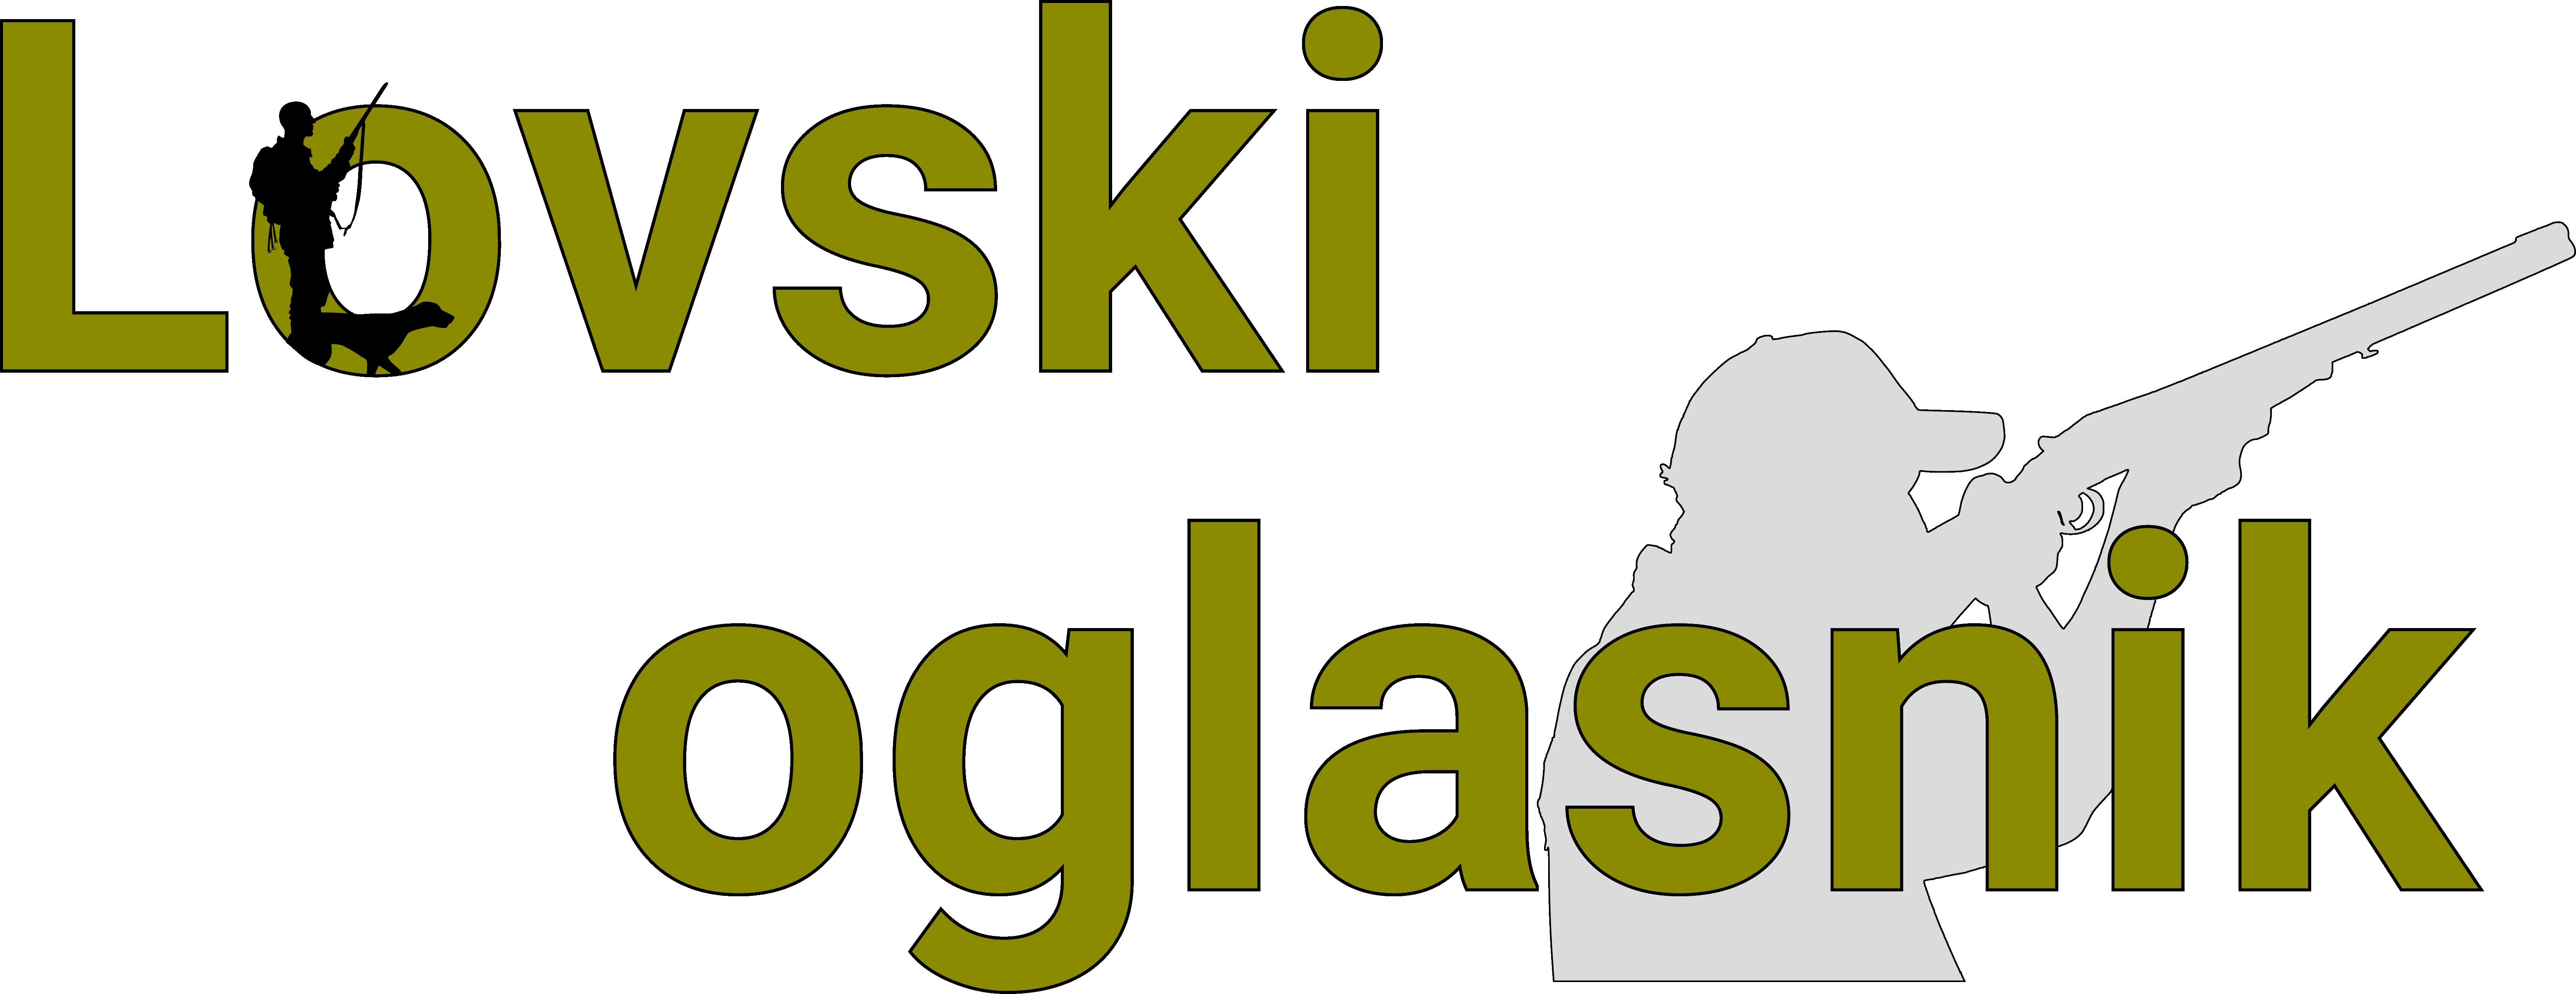 Lovski oglasnik